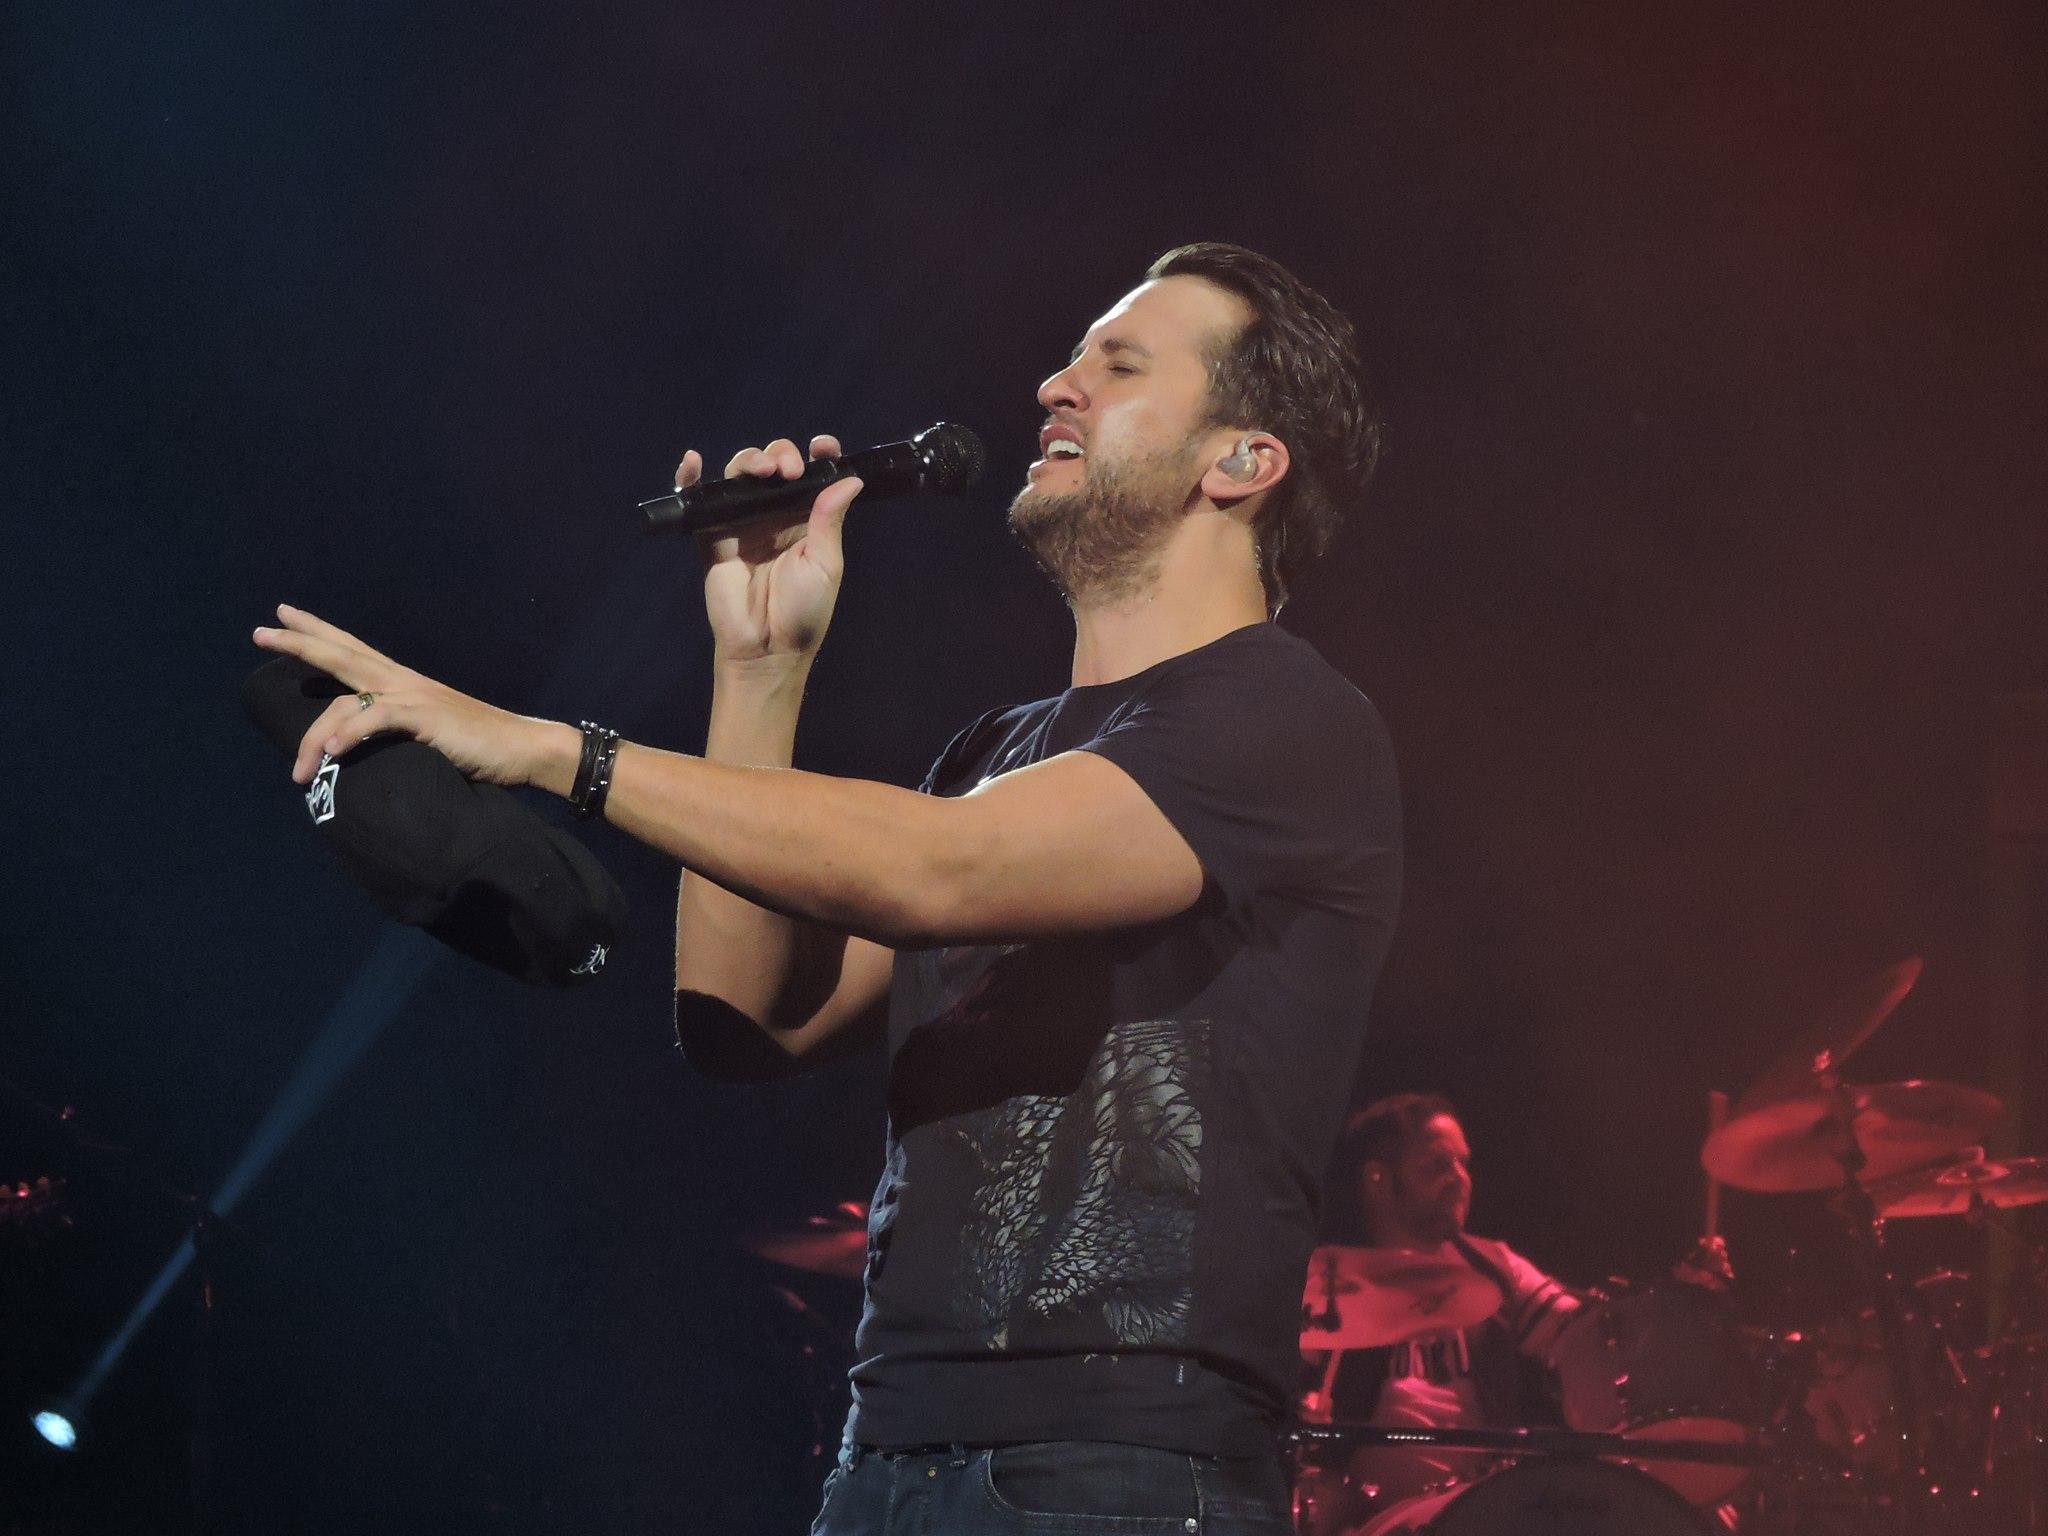 Luke Bryan singing on stage